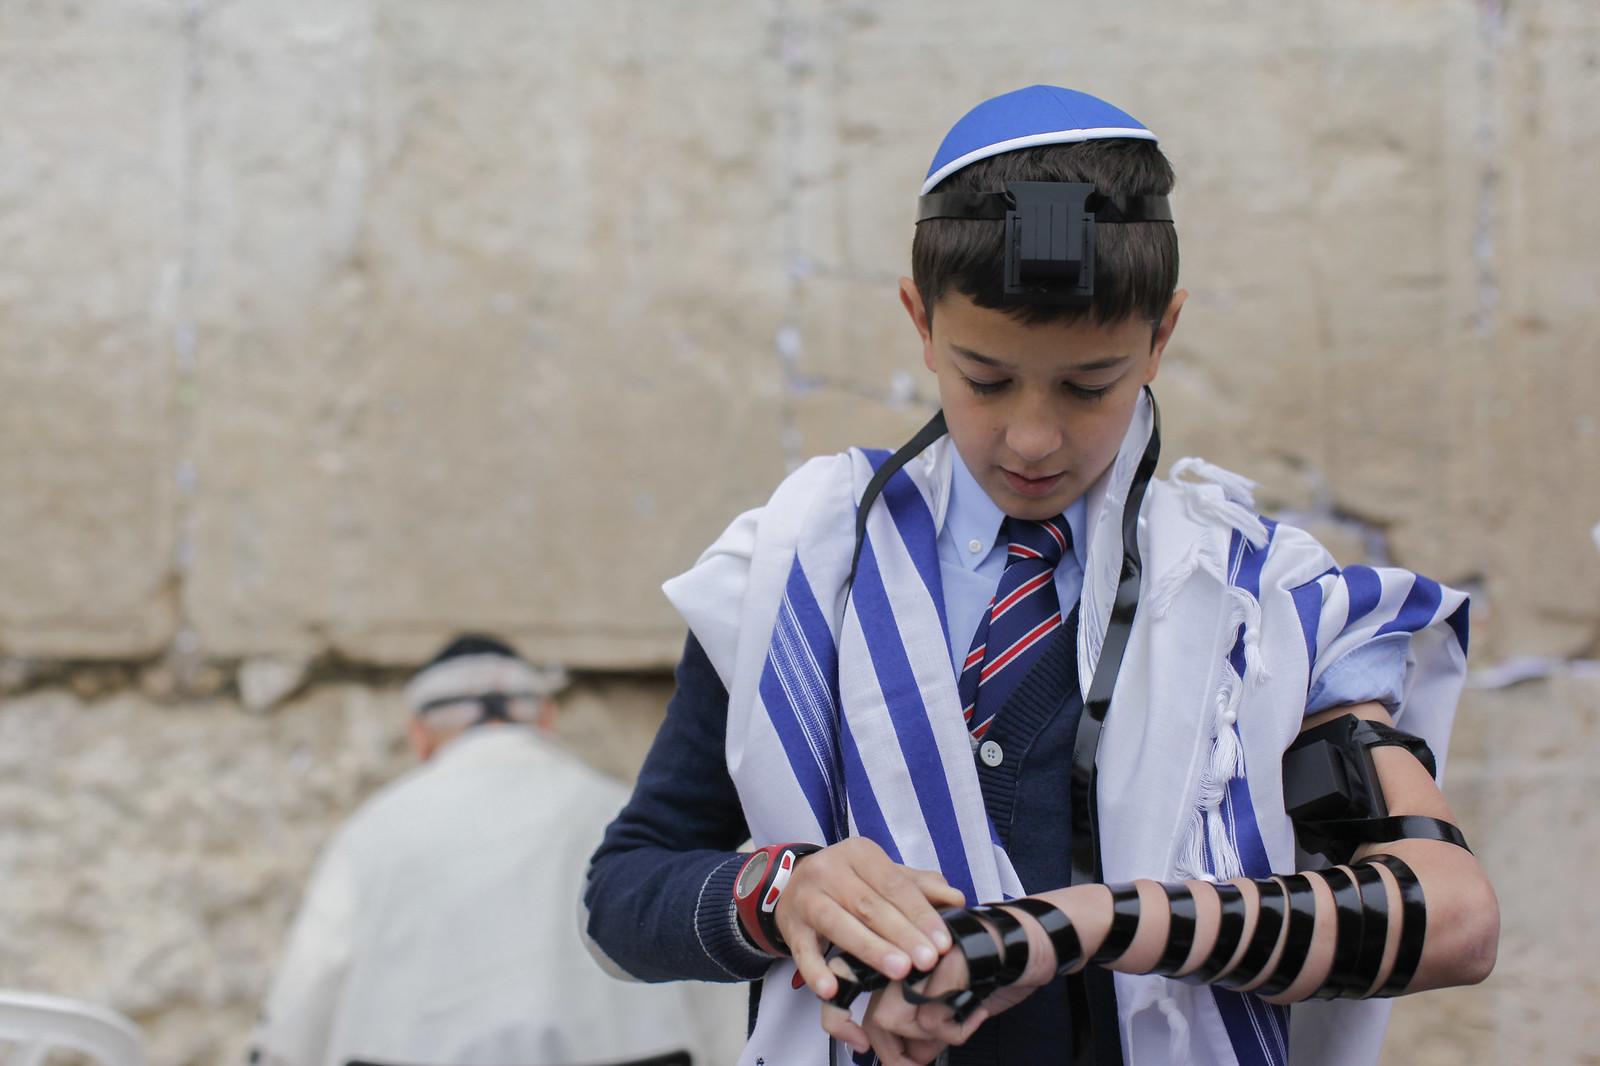 Bar Mitzvah 8_Jerusalem_9614_Yonatan Sindel_Flash 90_IMOT